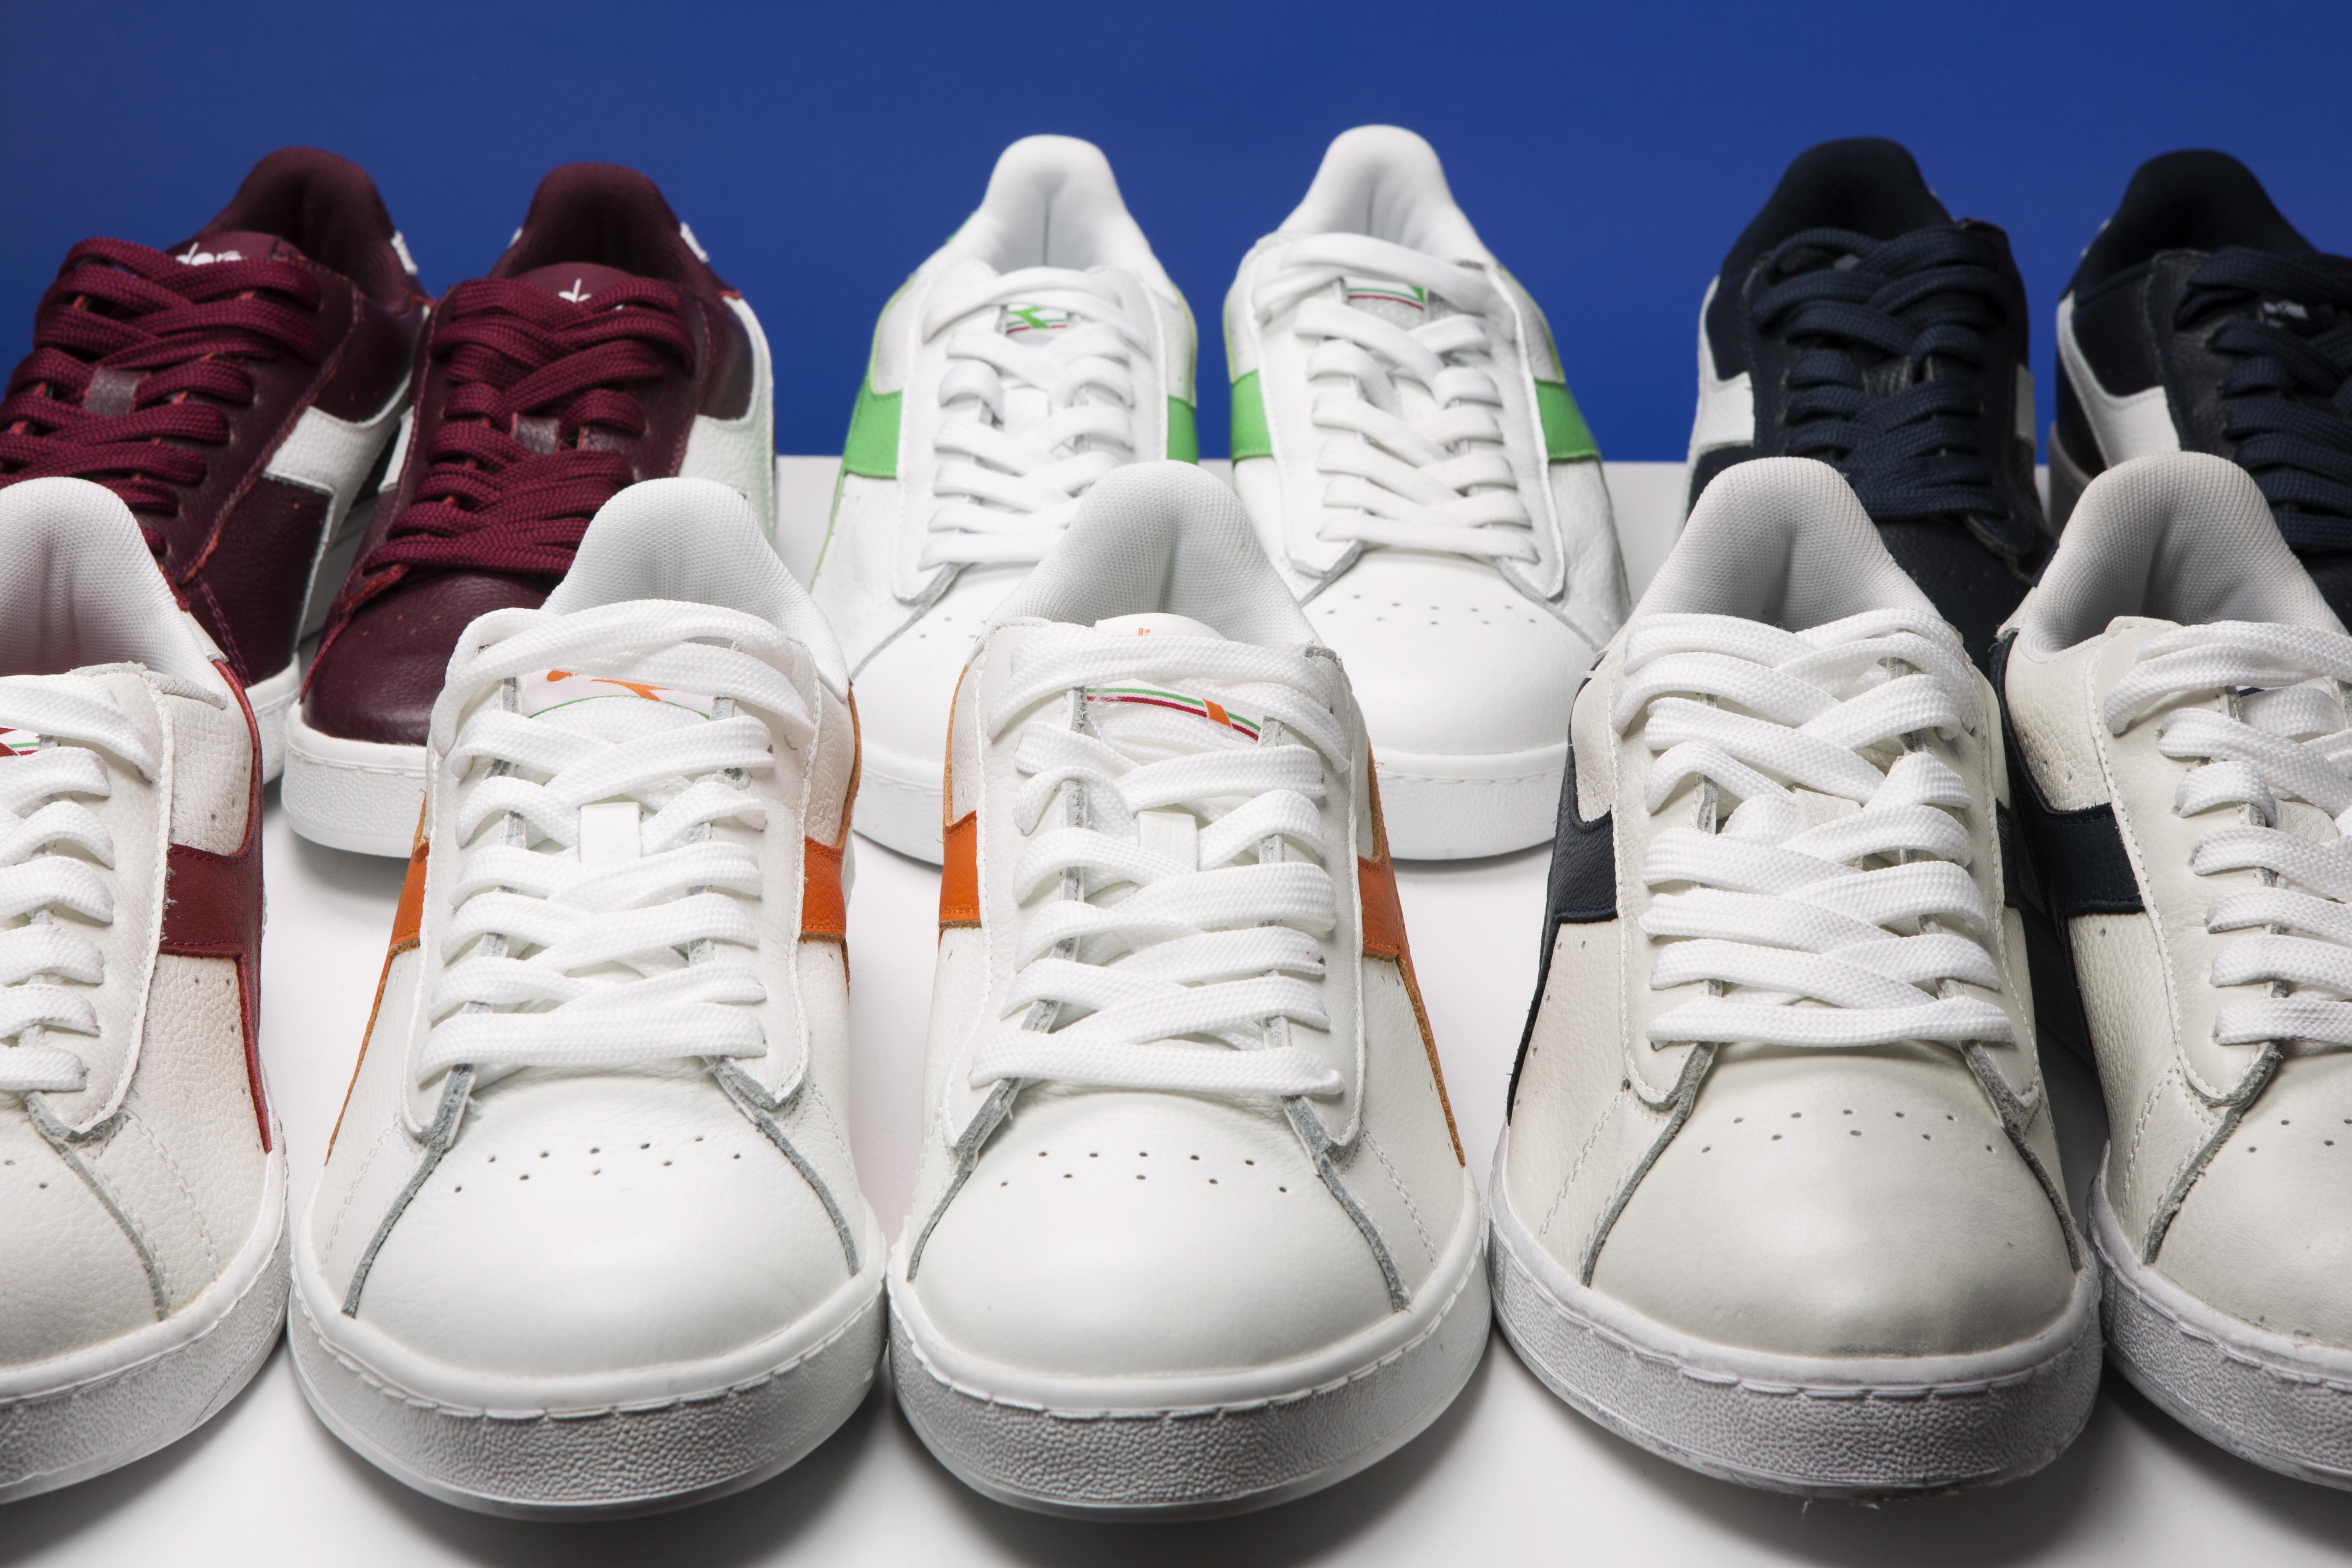 Acquista scarpe diadora primavera 2016 - OFF60% sconti e2805a72bfc